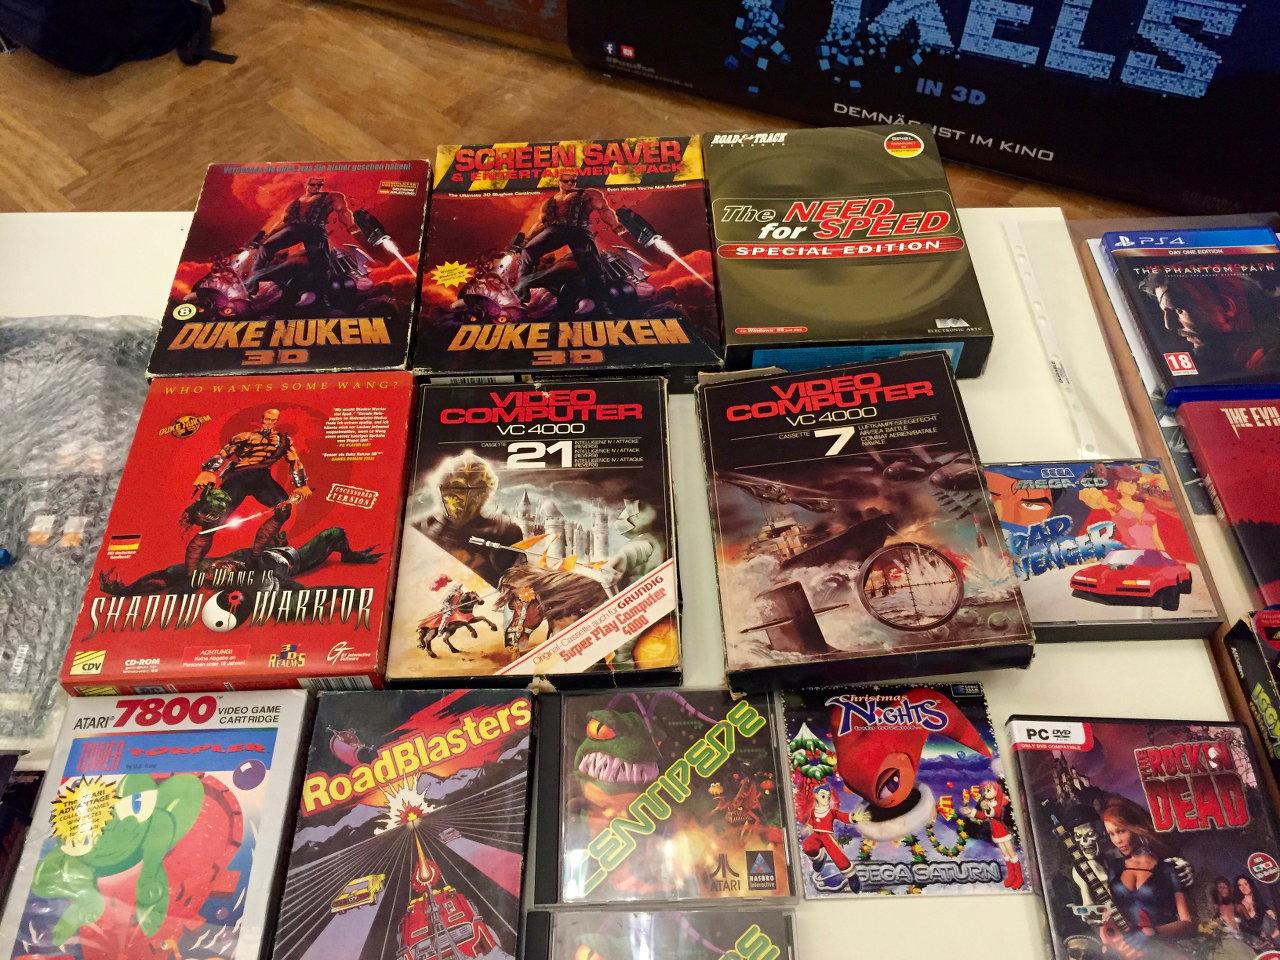 Eine irre Mischung: Duke Nukem 3D (PC), VC4000 und Atari 7800 Spiele. (Bild: André Eymann)